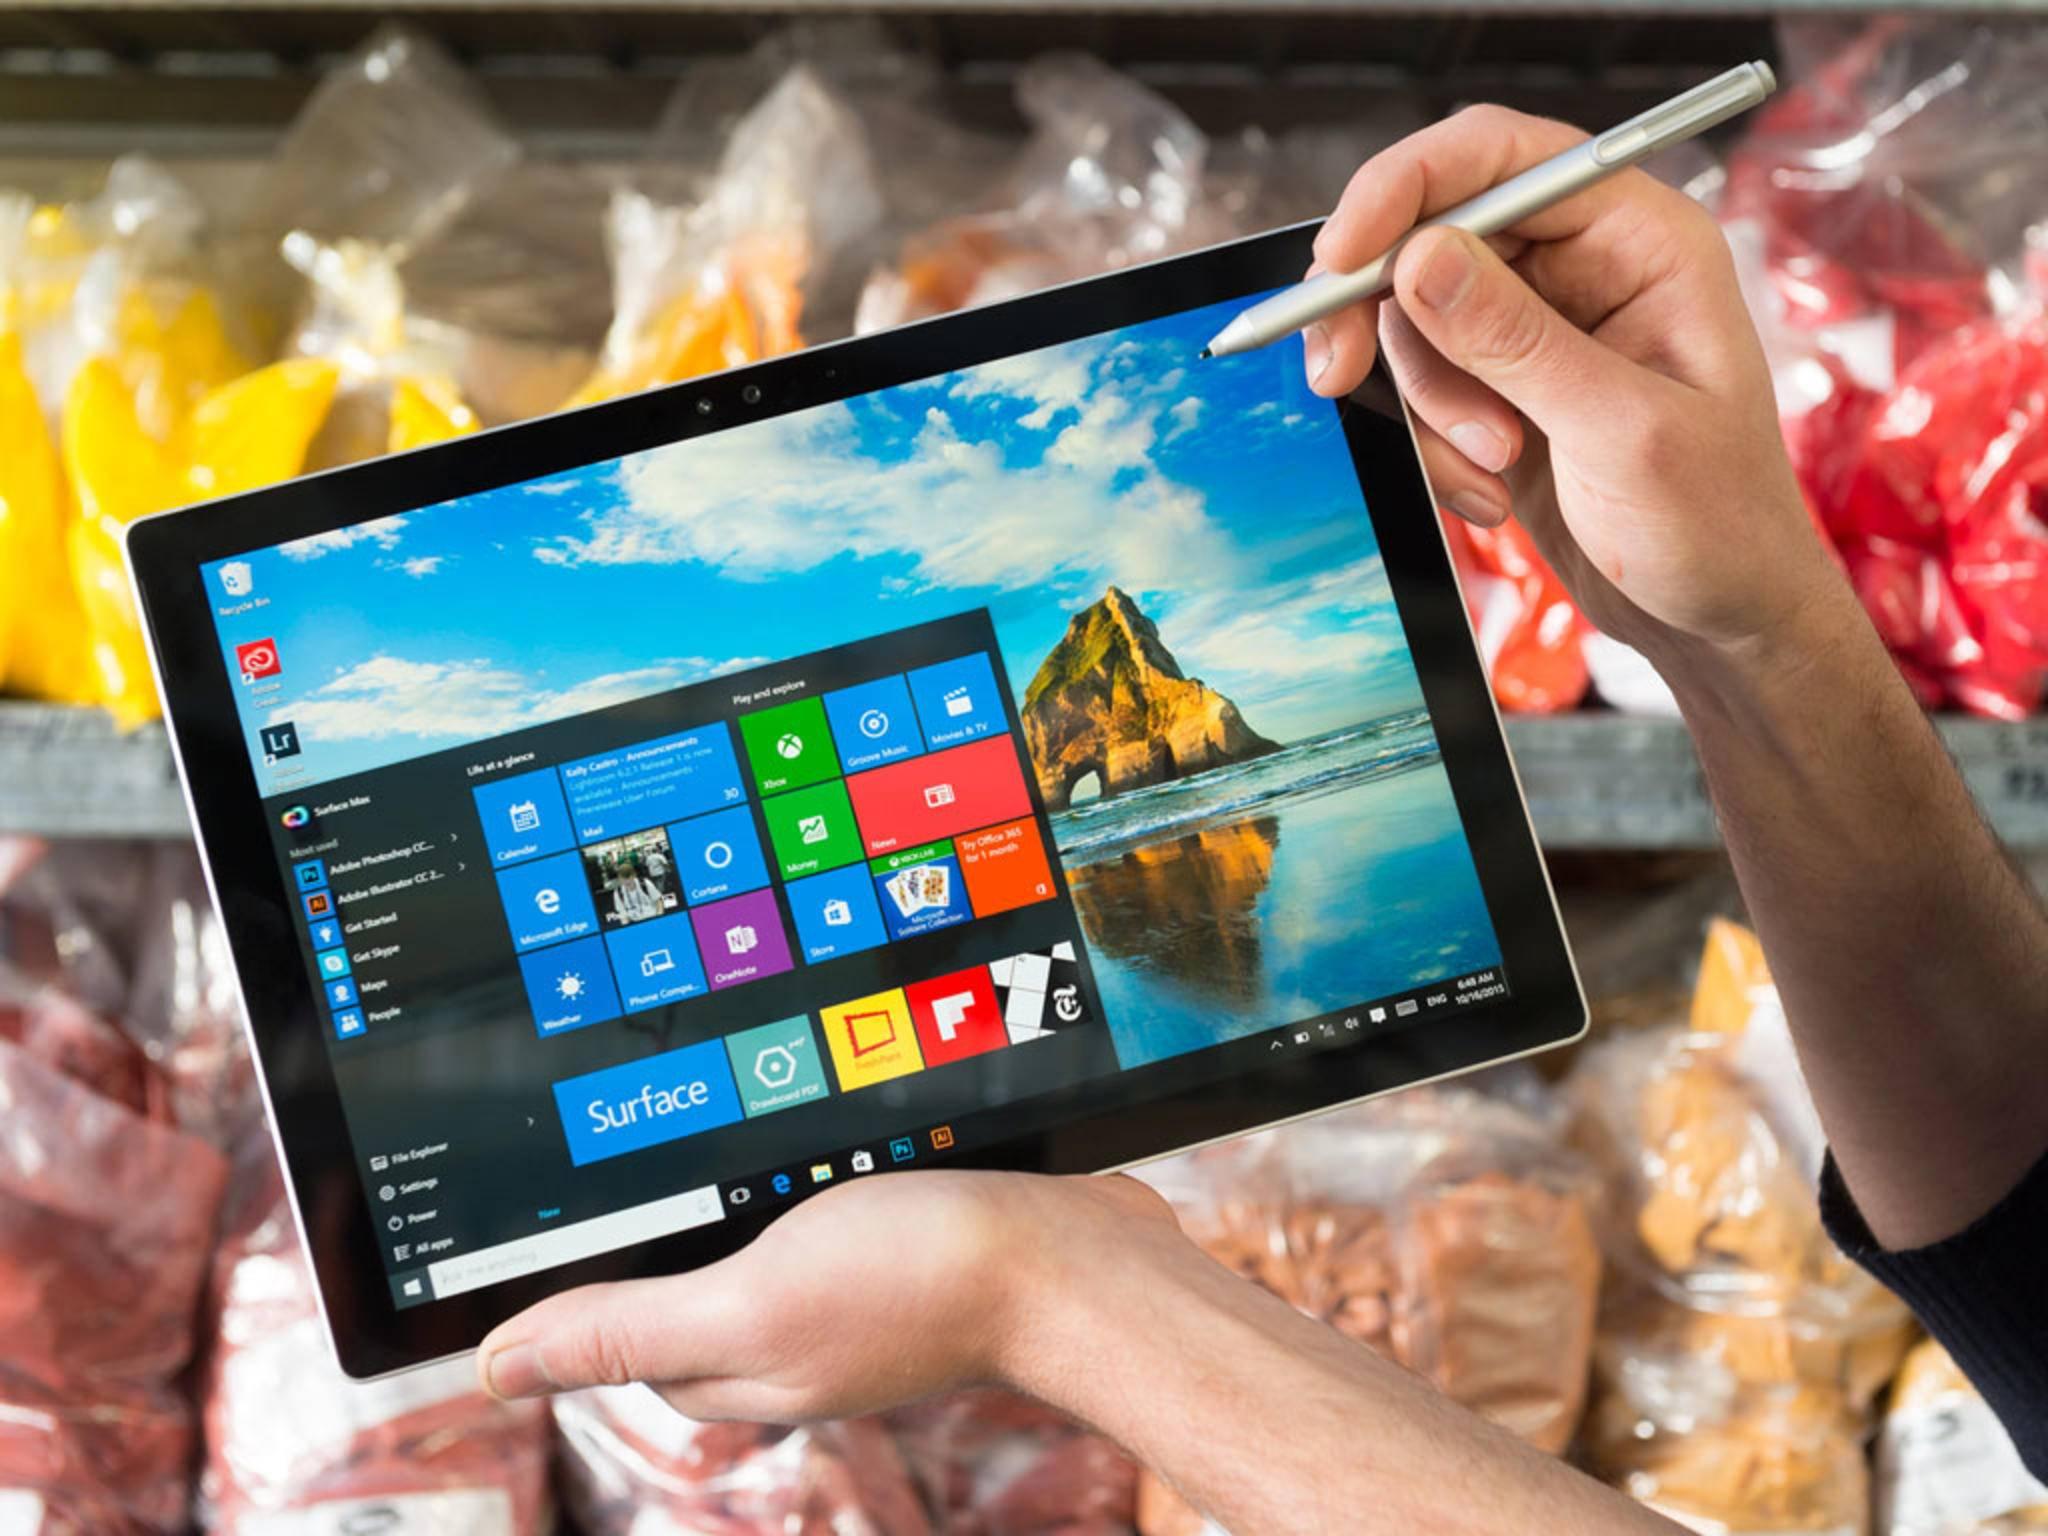 Wer auf falsche Ideen kommt, macht sein neues Windows 10 gleich wieder kaputt.